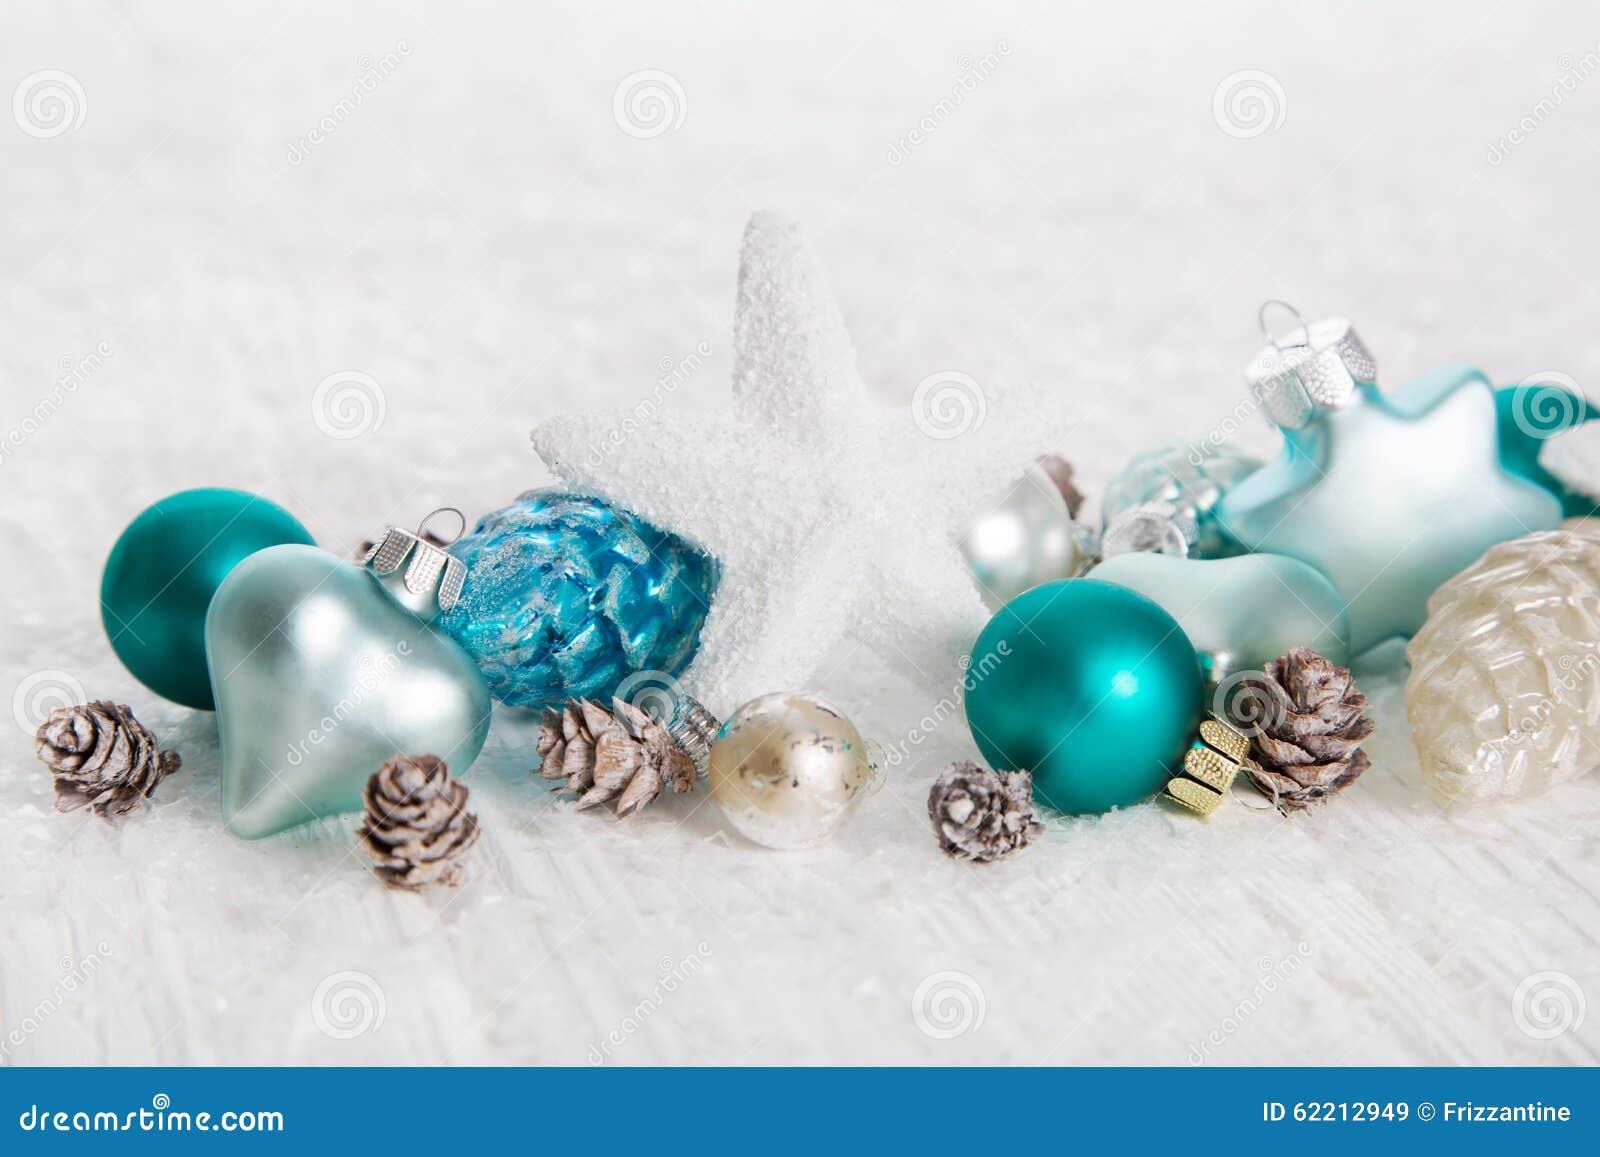 Bakgrund för vit jul med snö och bollar i turkos som är blå